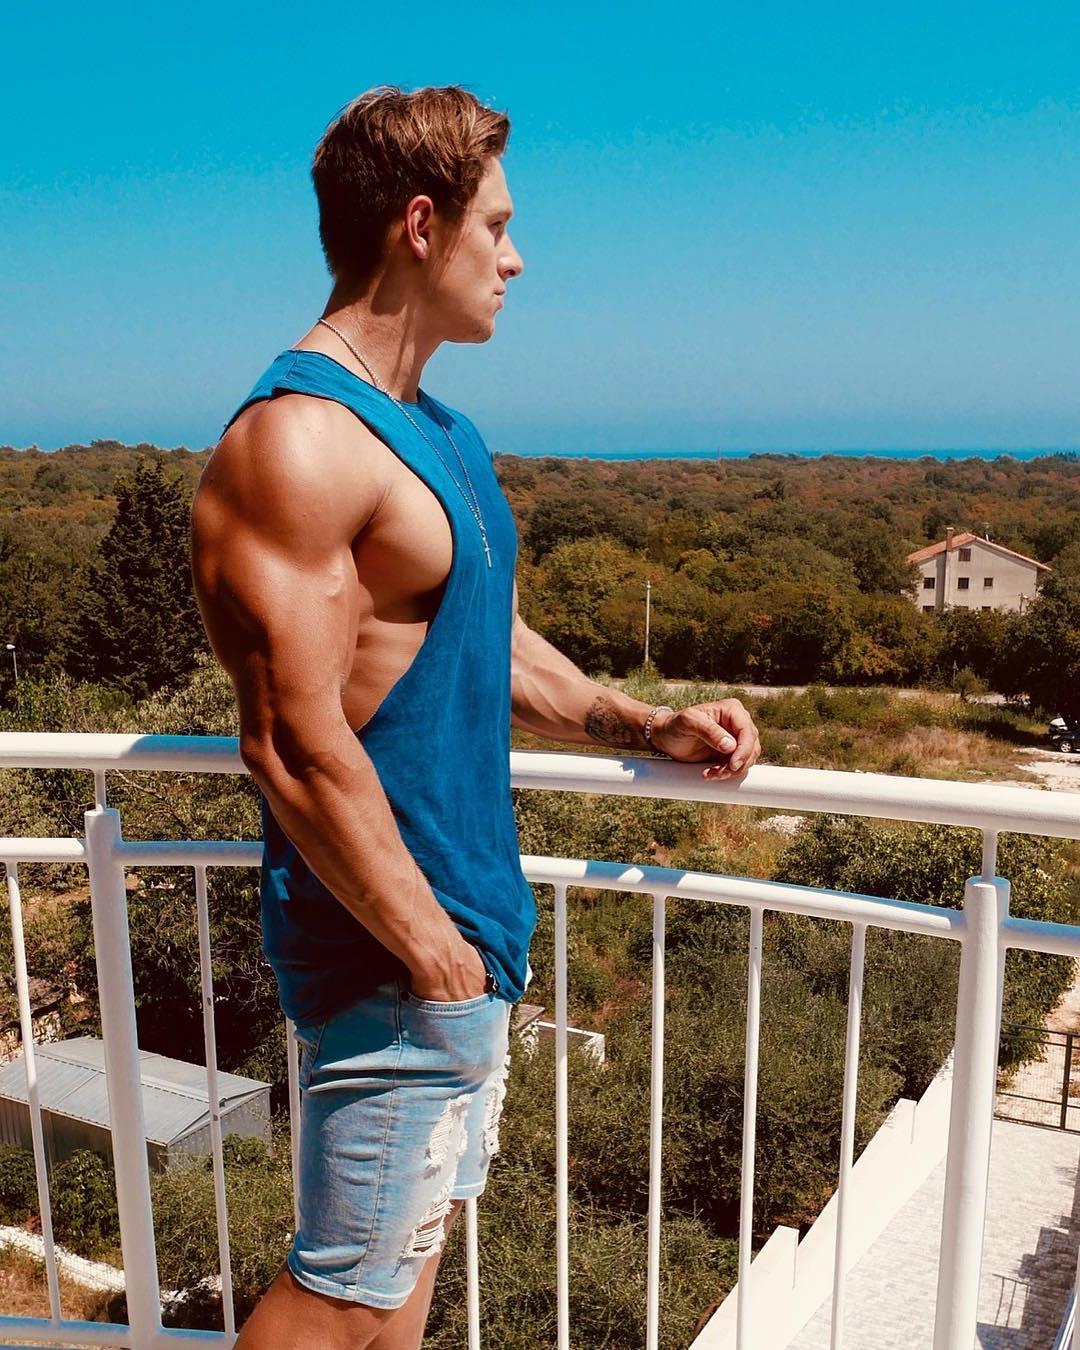 handsome-village-dude-brandon-butler-young-bodybuilder-huge-muscle-biceps-triceps